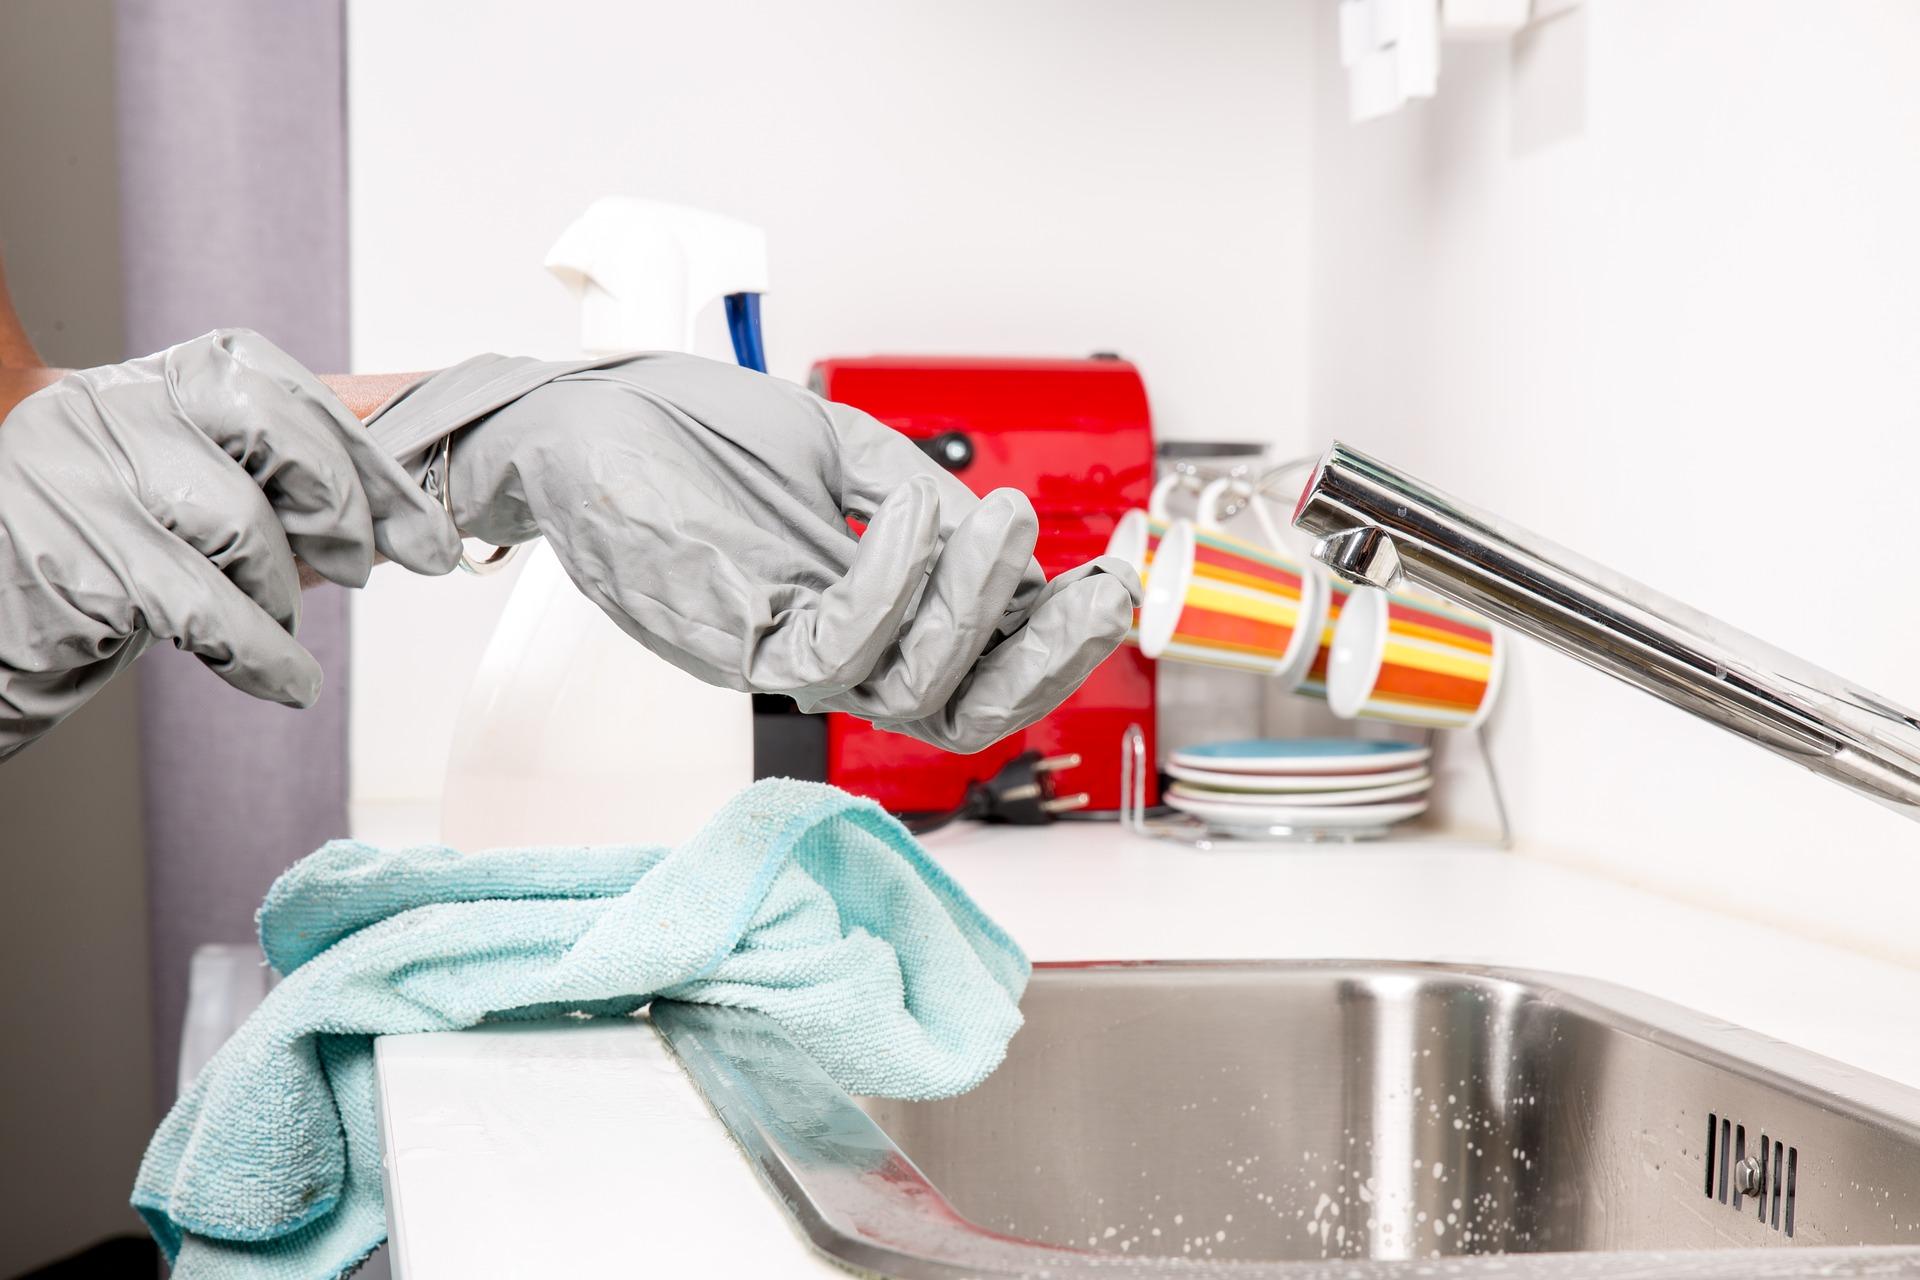 Hände mit Handschuhen bei einem Wasserhahn